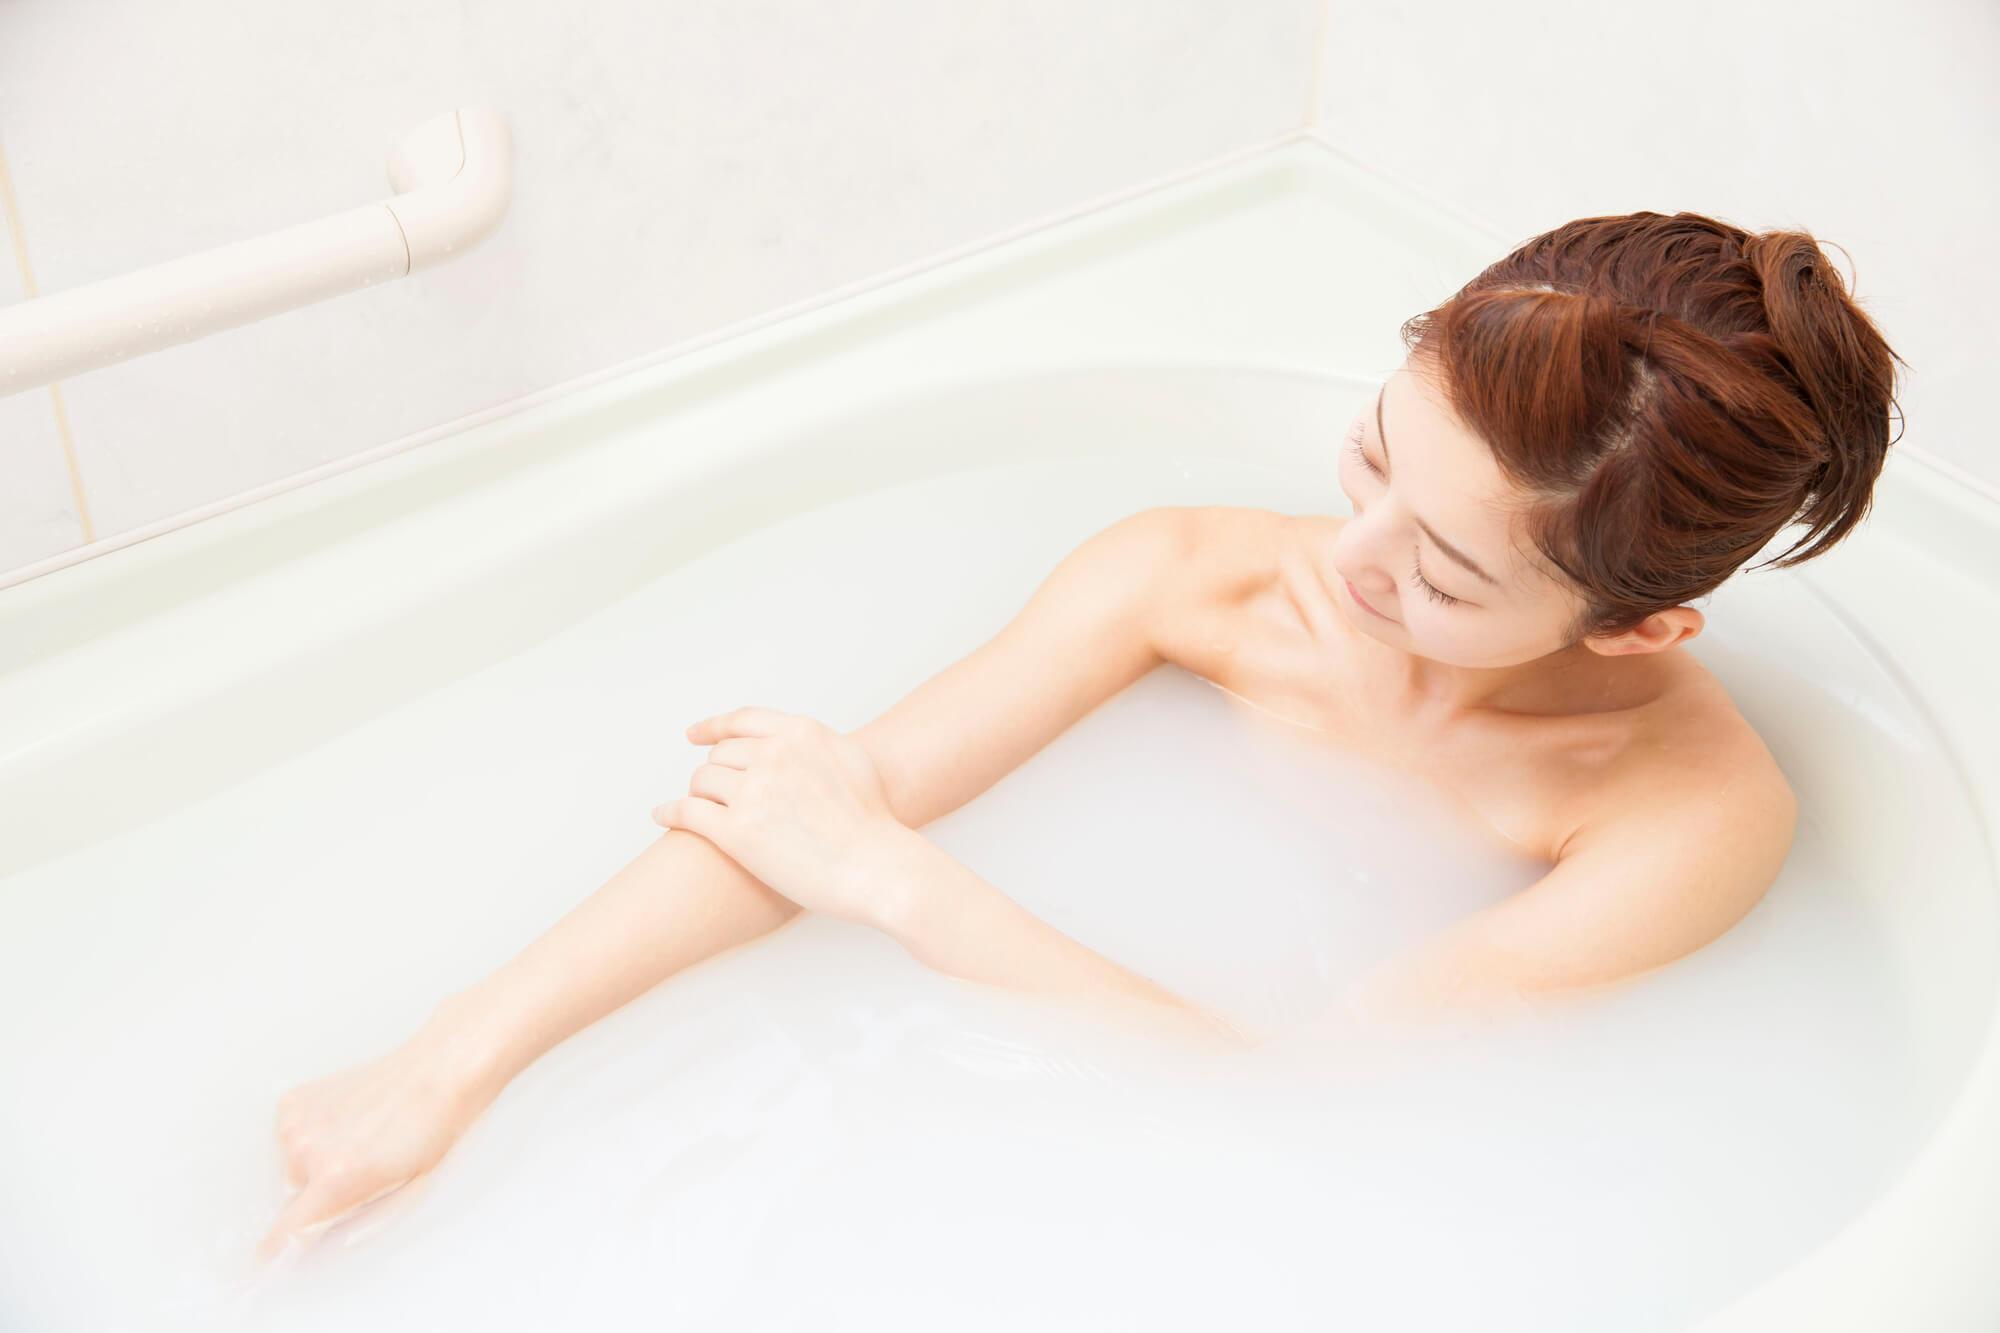 ハッカ油風呂で暑い夏の湯上りもスッキリ快眠!